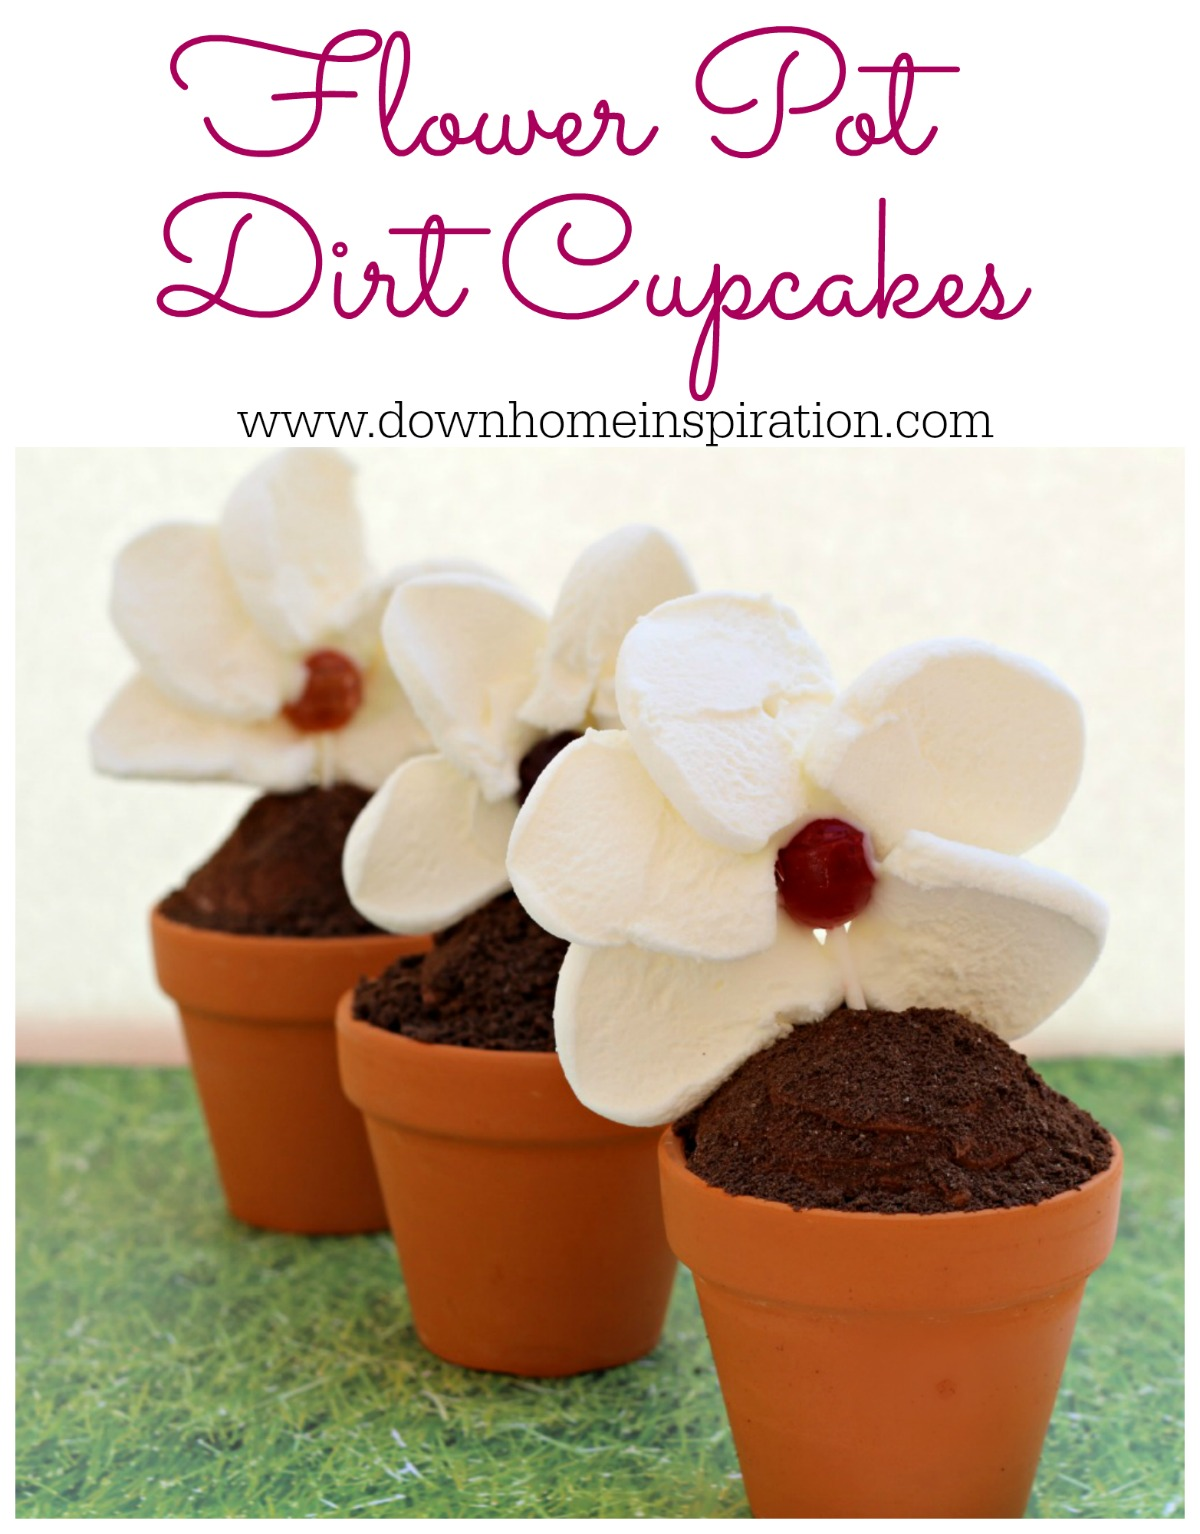 254 & Flower Pot Dirt Cupcakes - Down Home Inspiration